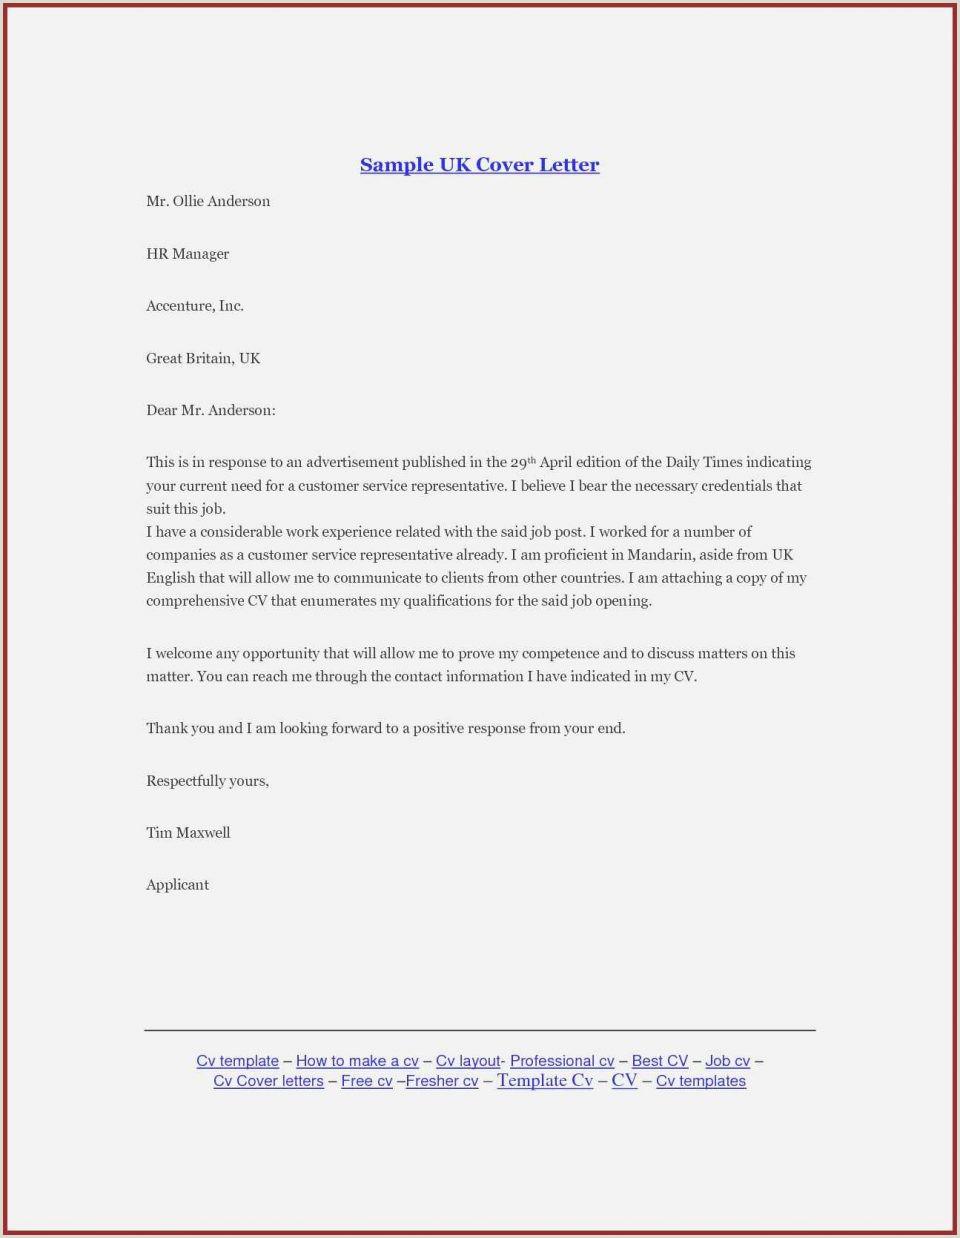 Cv format for A Job Tips for formatting A Cover Letter Resume formal format Uk